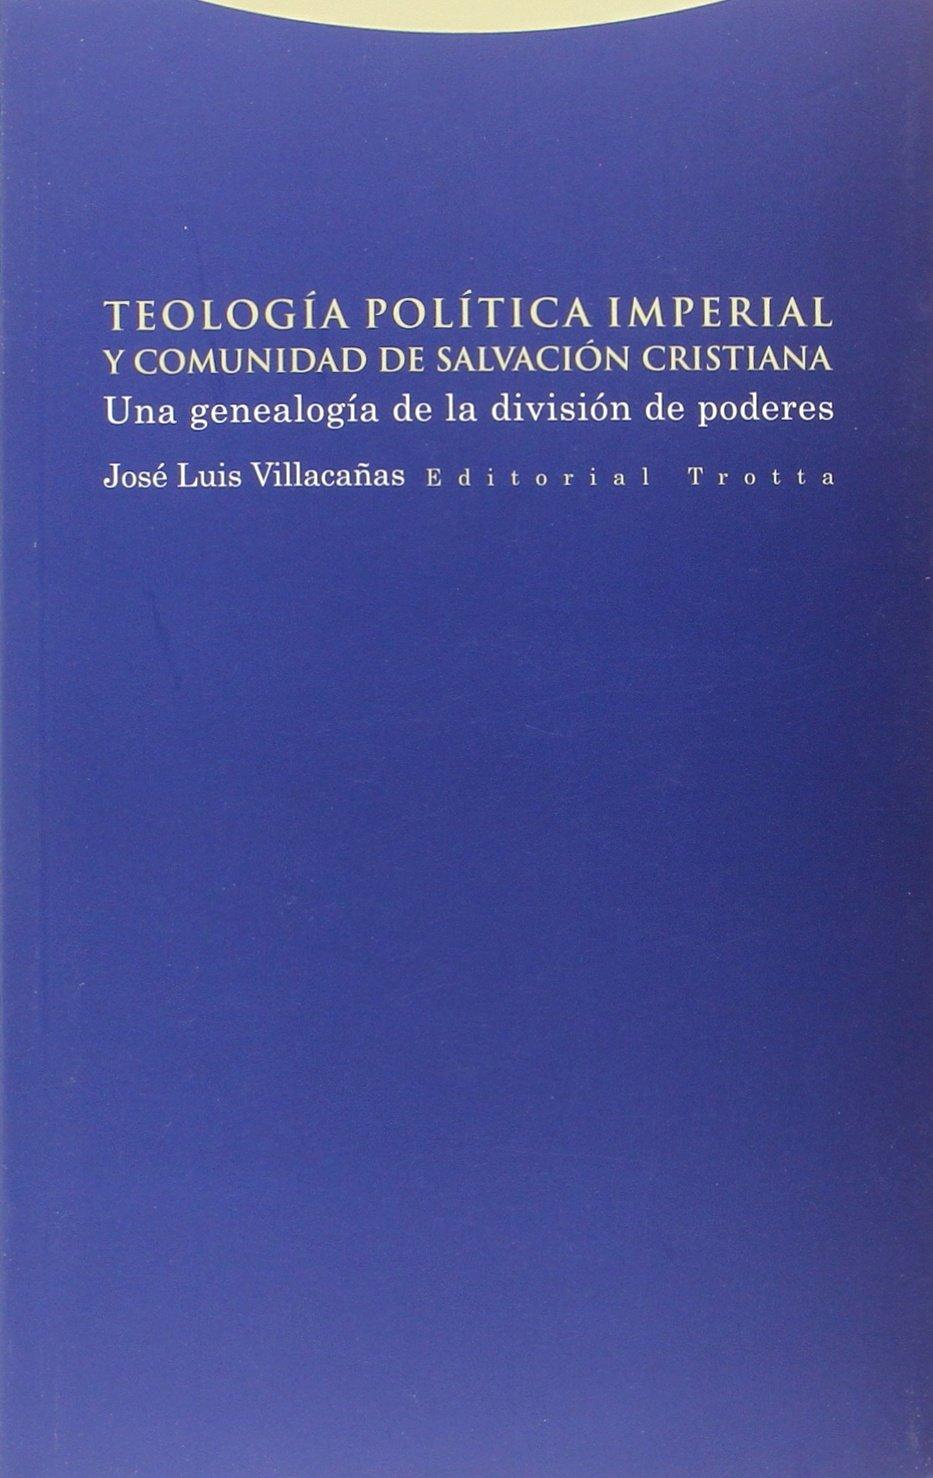 Teología política imperial y comunidad de salvación cristiana: Una  genealogía de la división de poderes Estructuras y procesos.